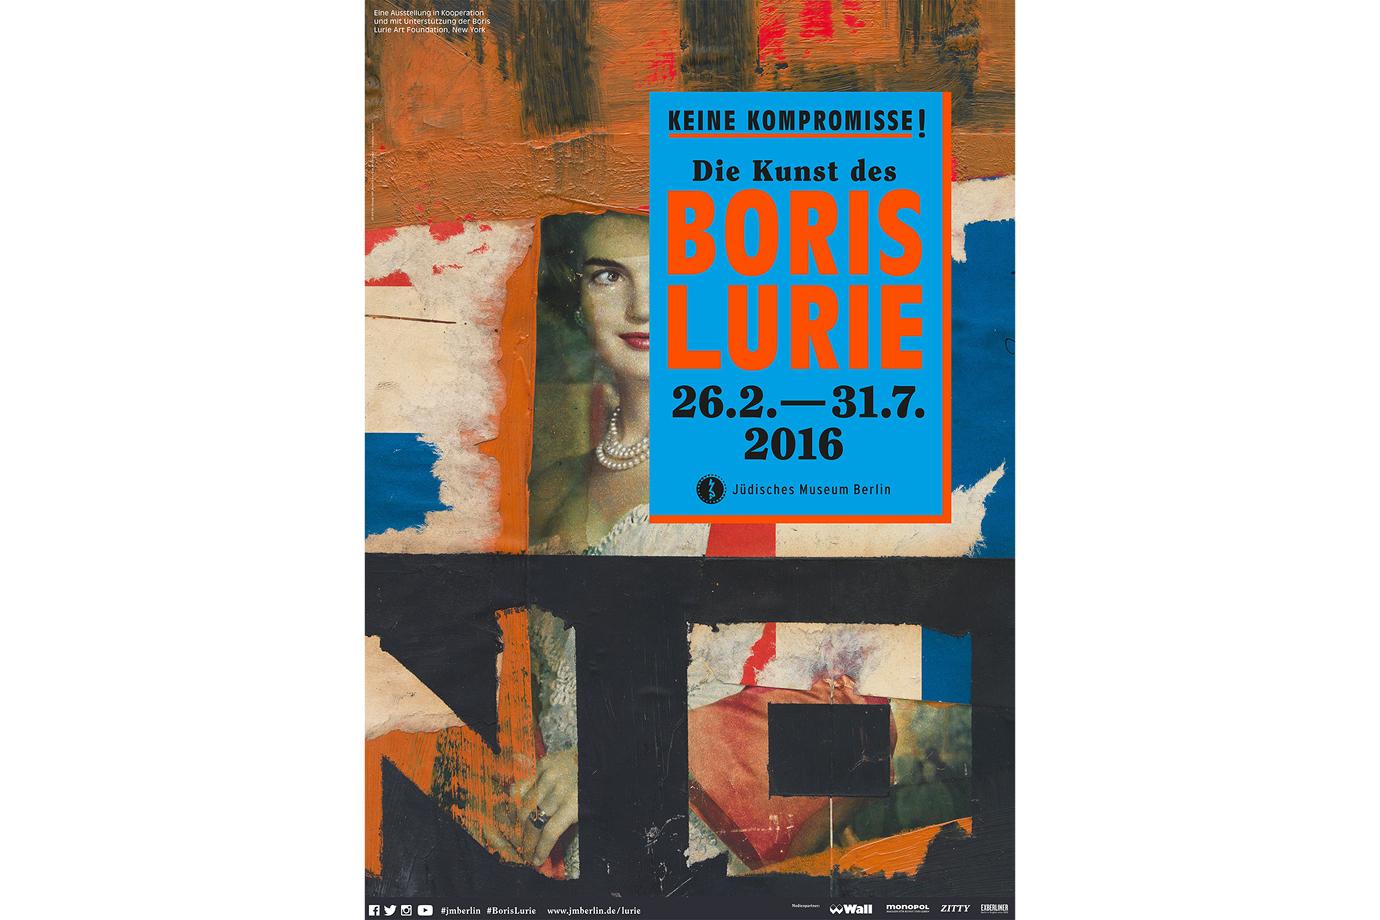 http://e-o-t.de/wordpress/wp-content/uploads/2017/03/Slide-Lurie-Poster_1.jpg